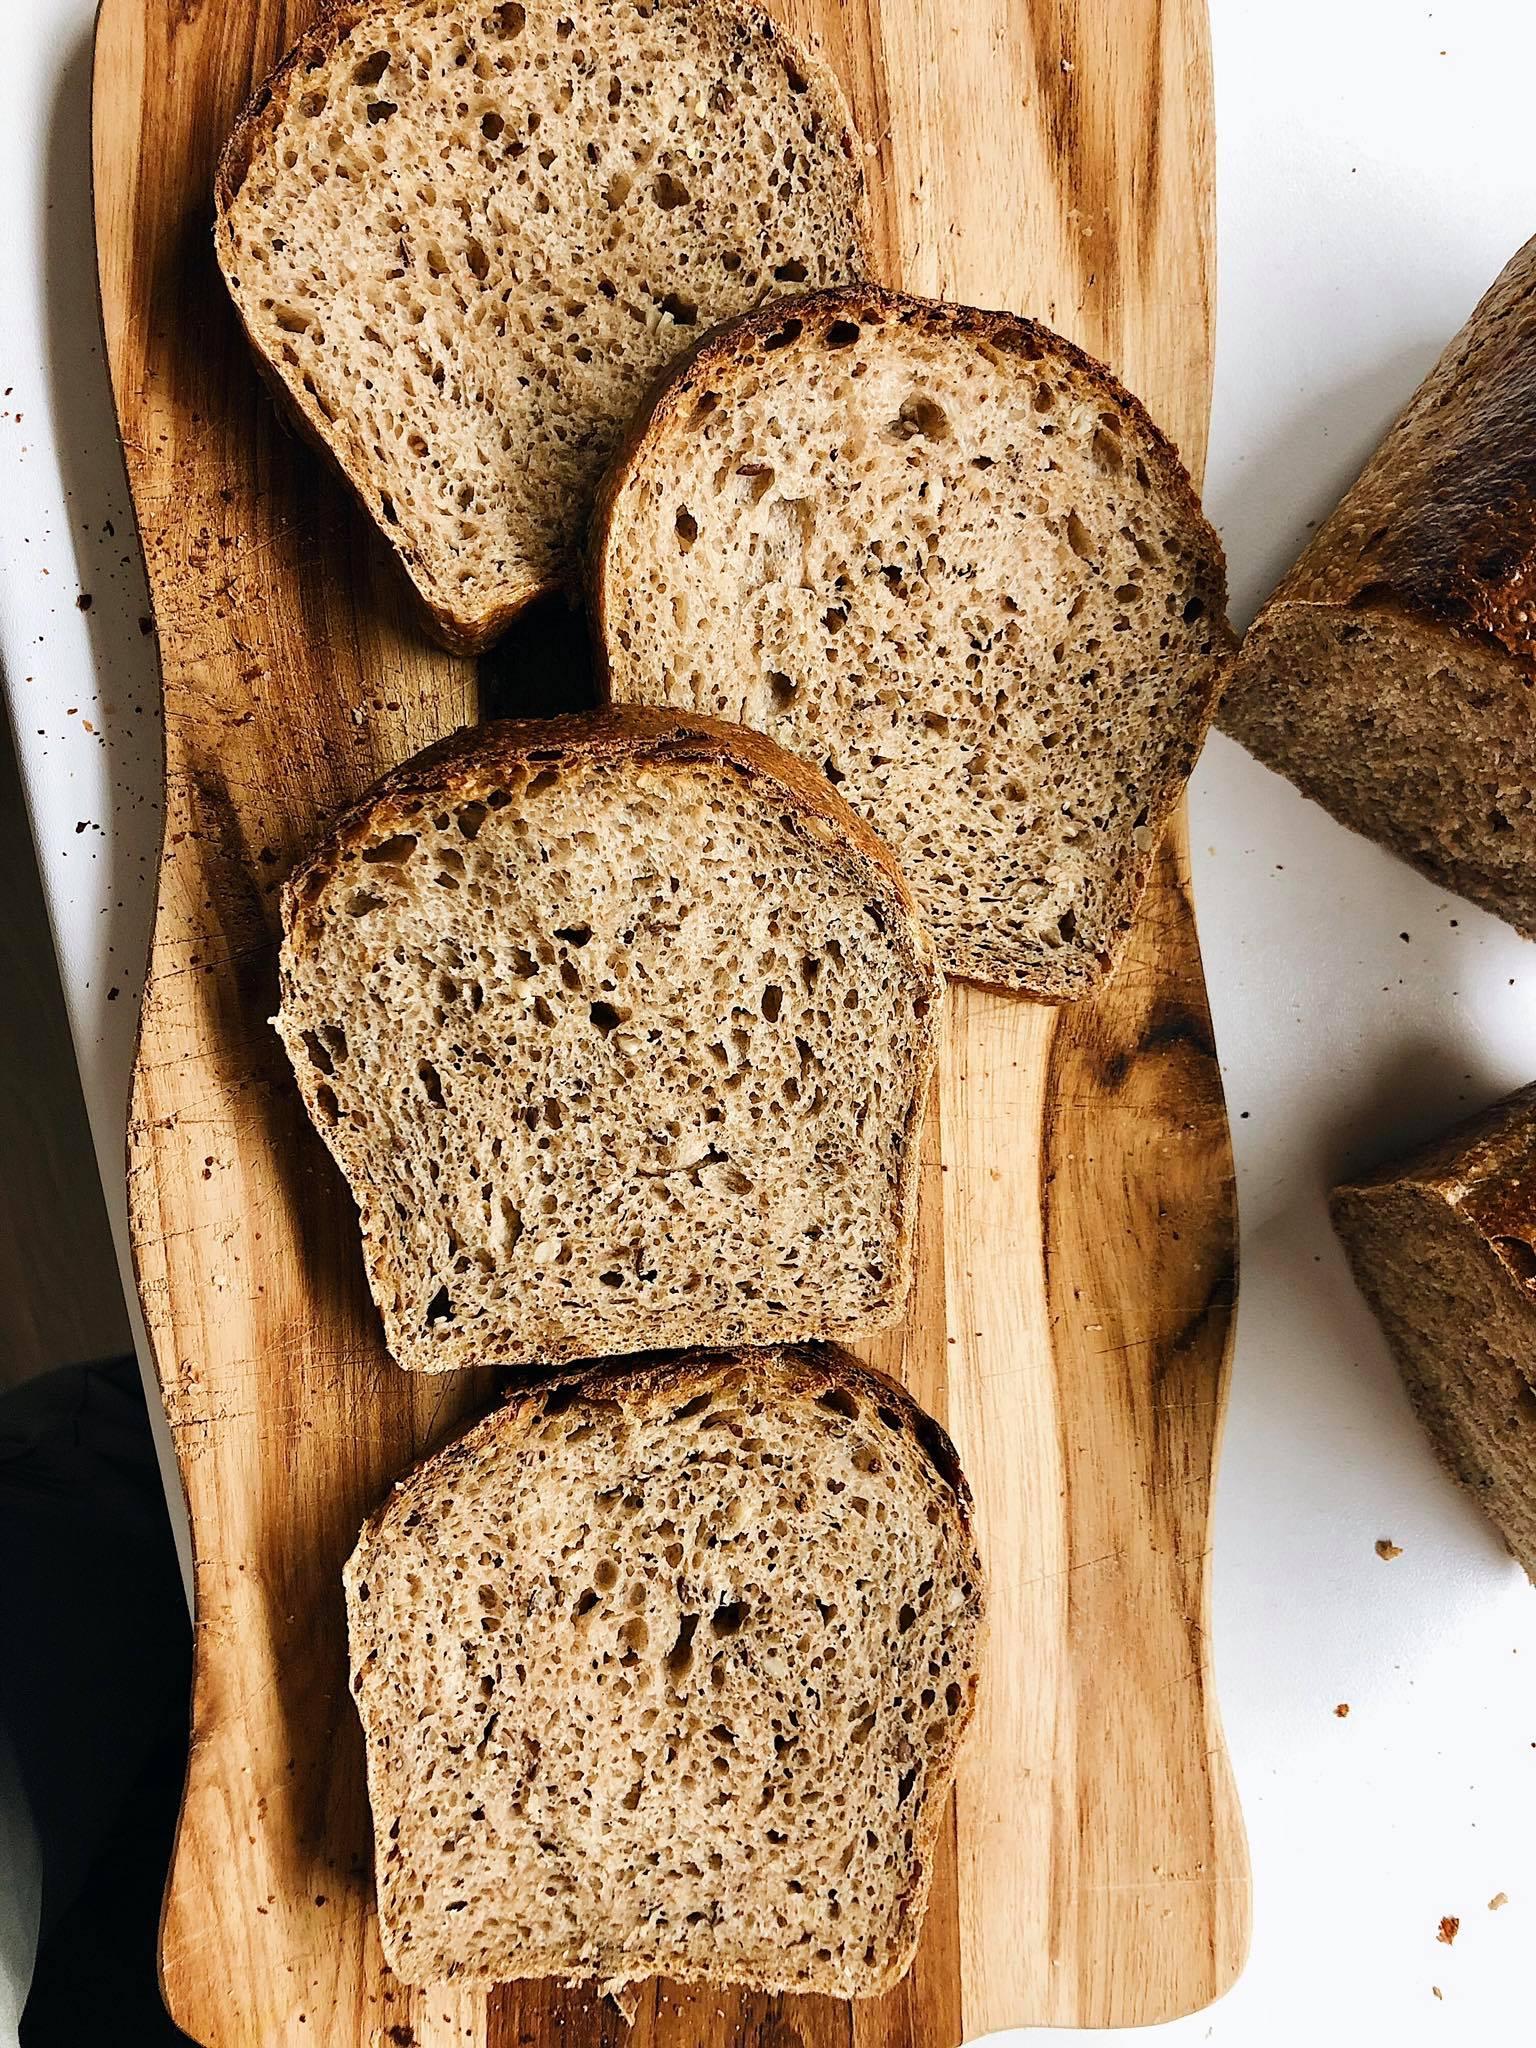 Toastový chlieb z Aidy 2.6 a kvásku Lievito madre